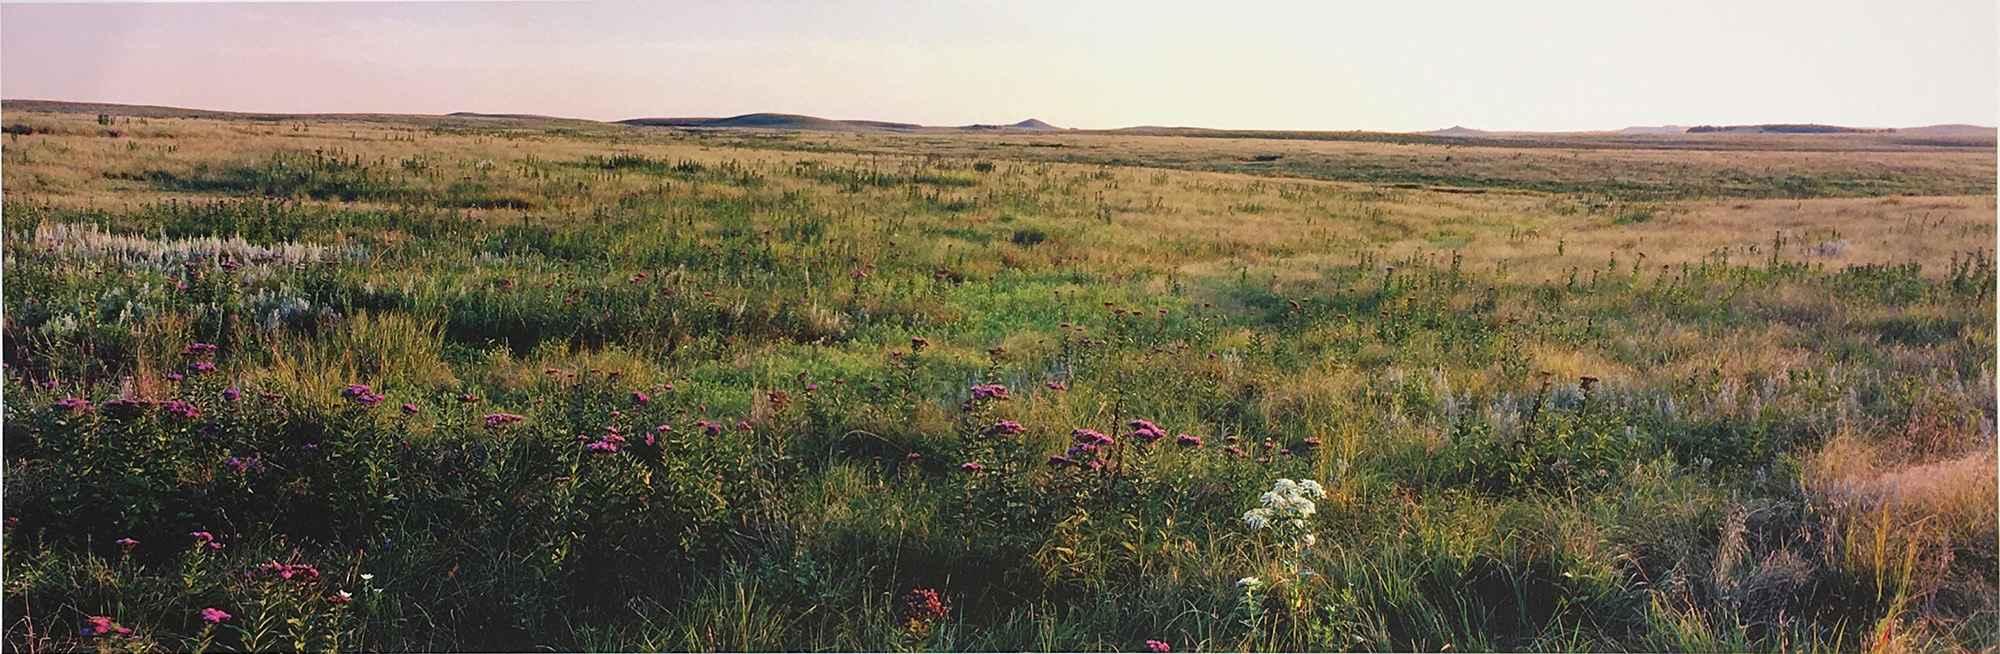 Field, Flowers - Sali... by  George Jerkovich - Masterpiece Online